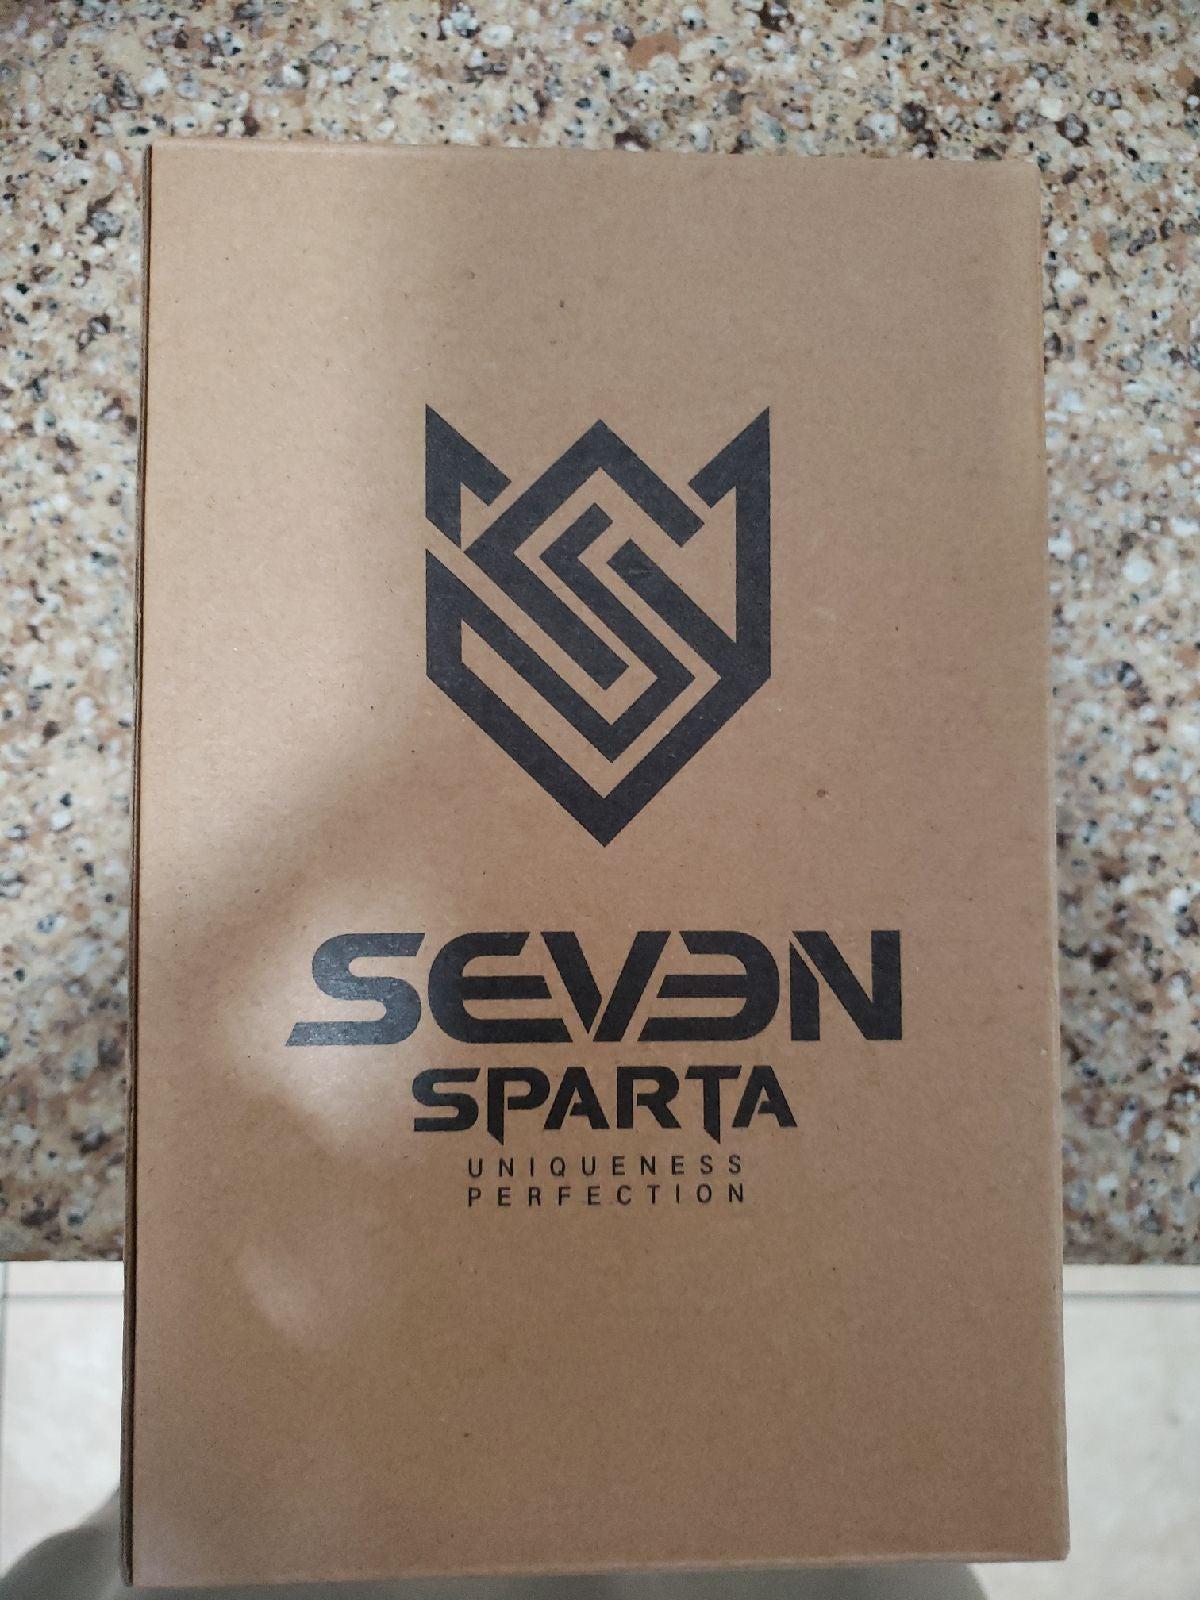 Seven sparta